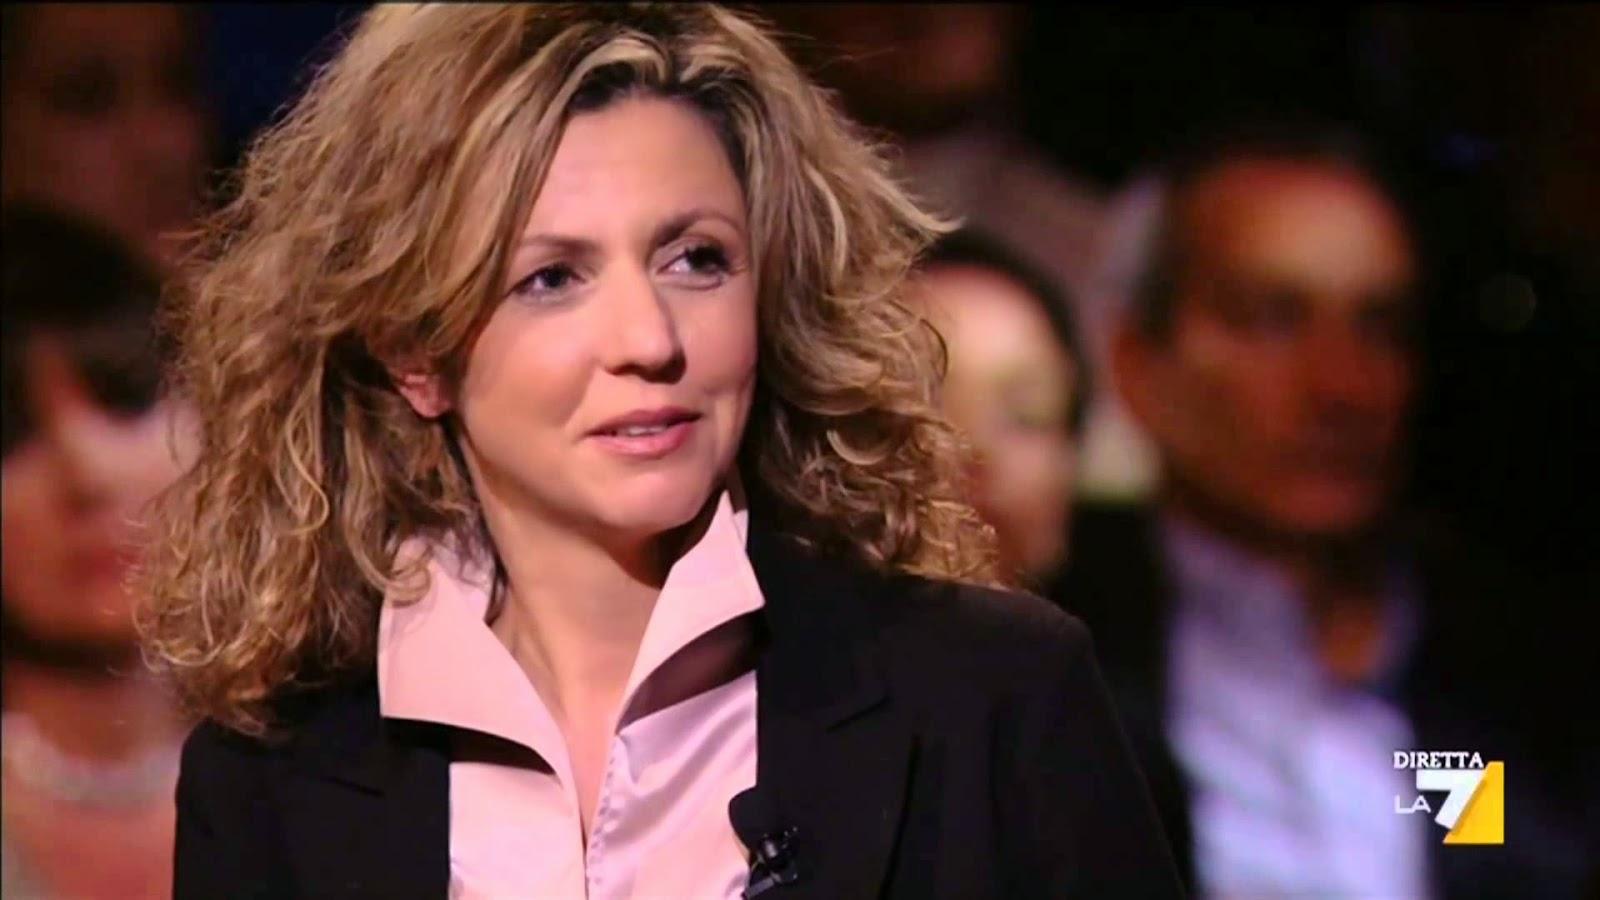 Elezioni, a Floridia arrivano i leader del M5s: domani pure Barbara Lezzi